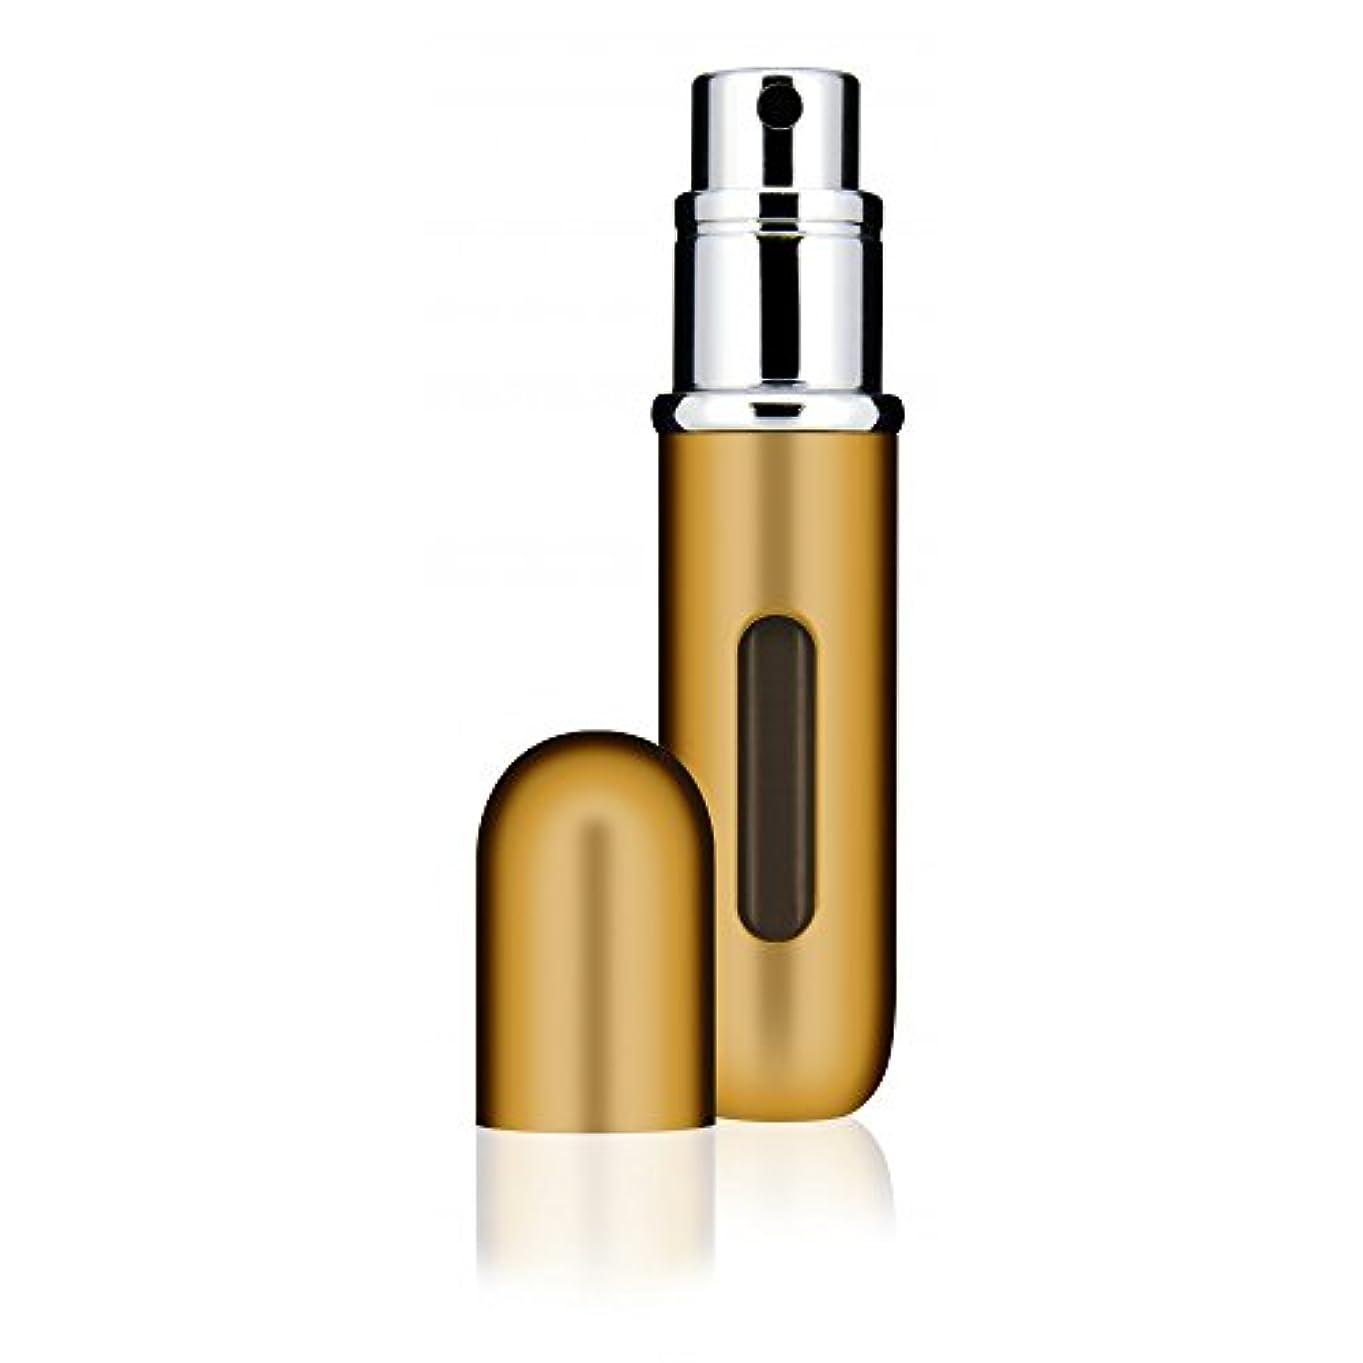 ちらつき教えて夜間Travalo Classic トラヴァーロ クラシック 香水 10秒チャージ 香水 スプレー 香水 アトマイザー 香水 ボトル 香水 携帯 (Gold)